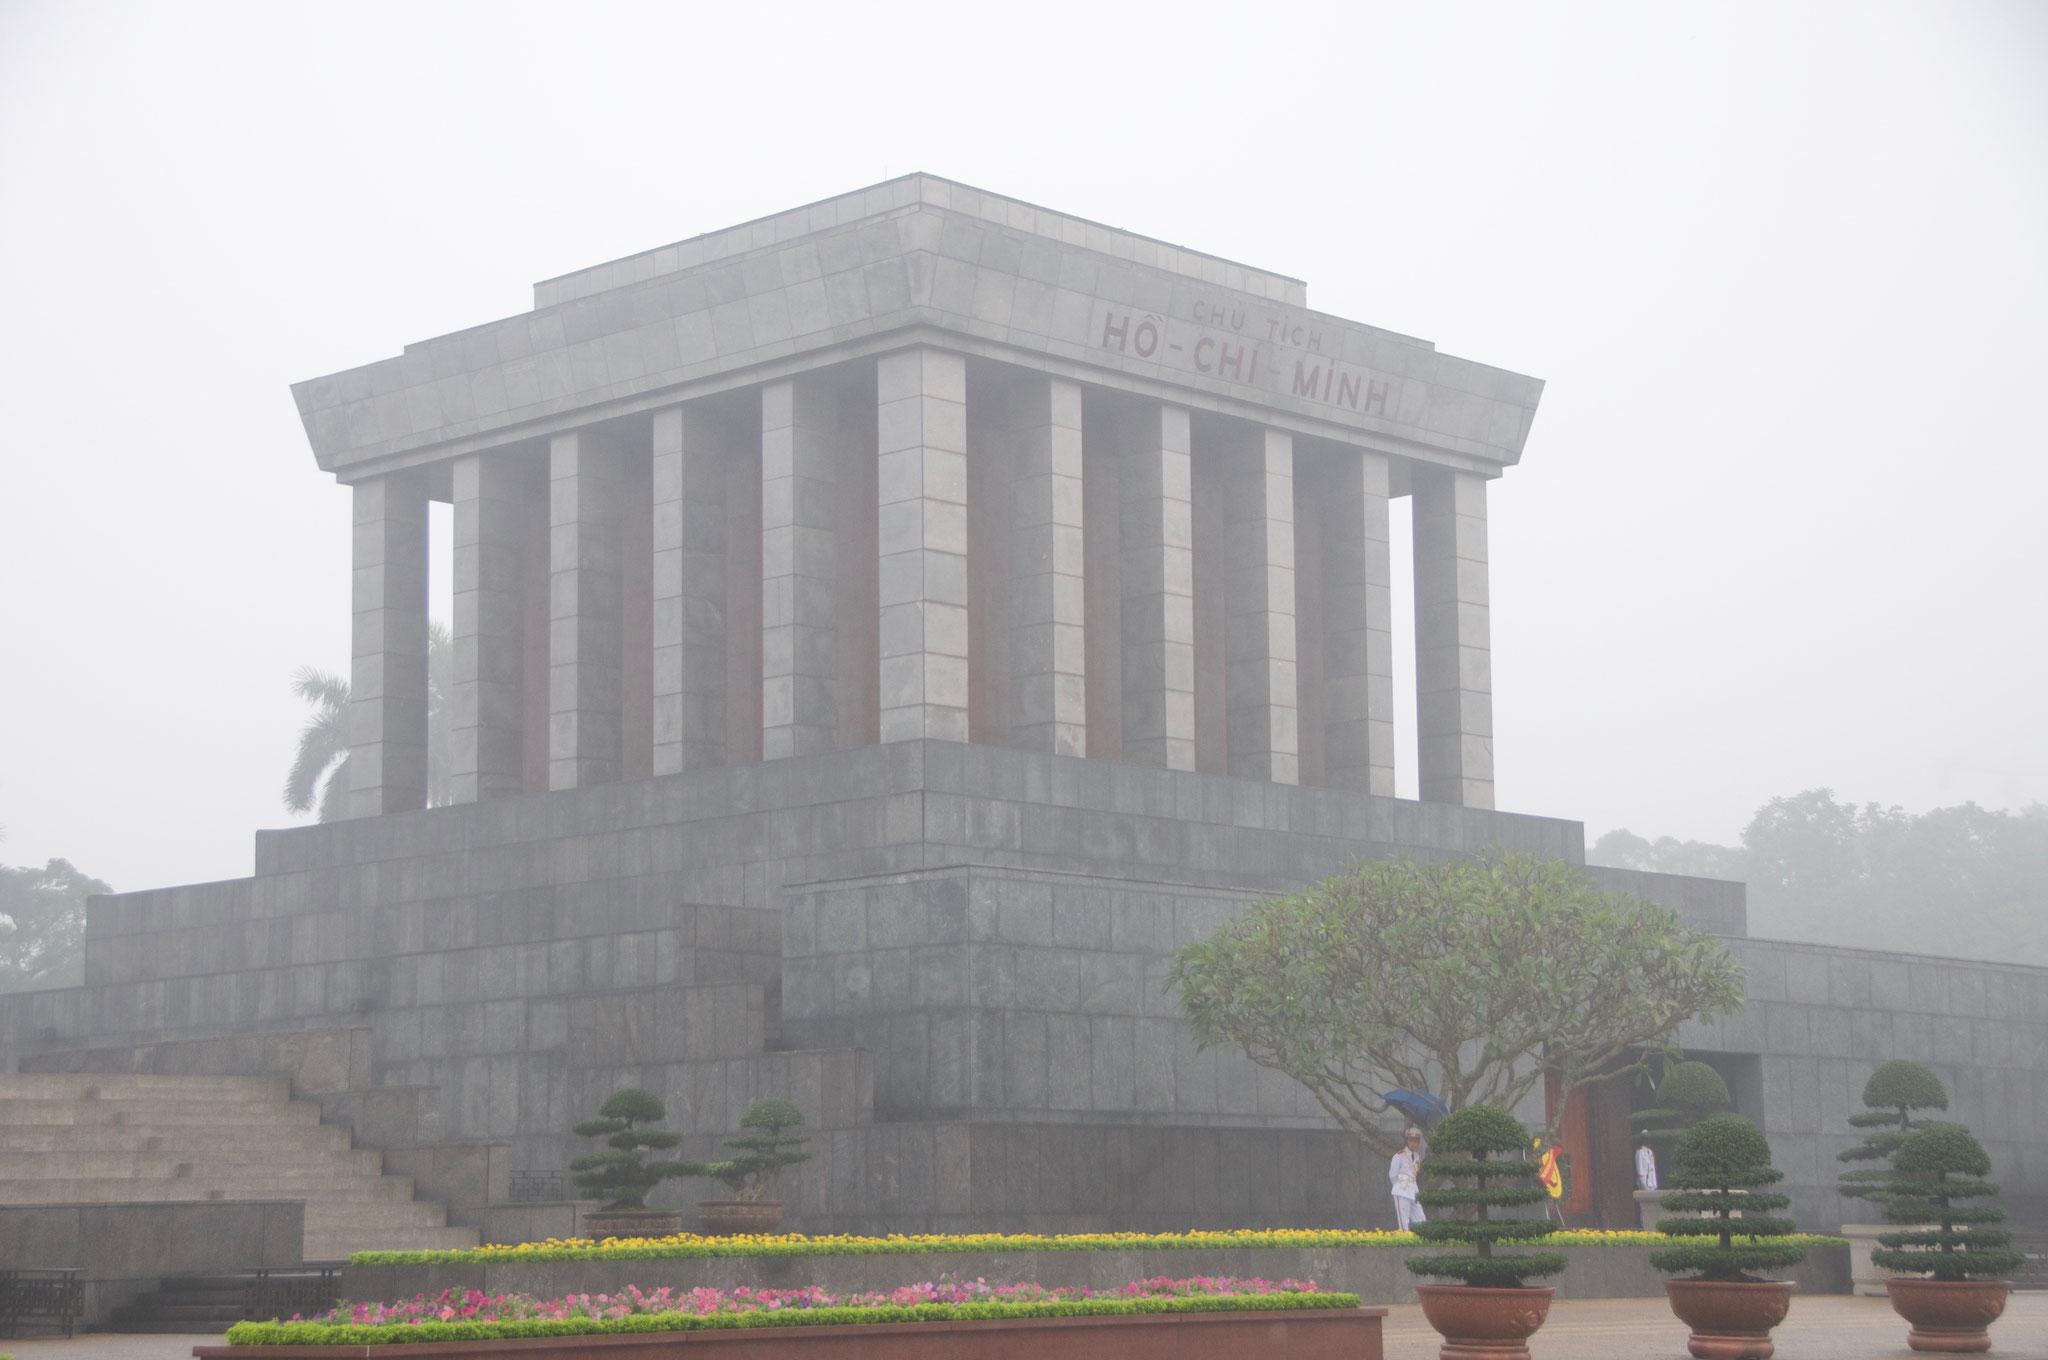 Das Ho Chi Minh Mausoleum